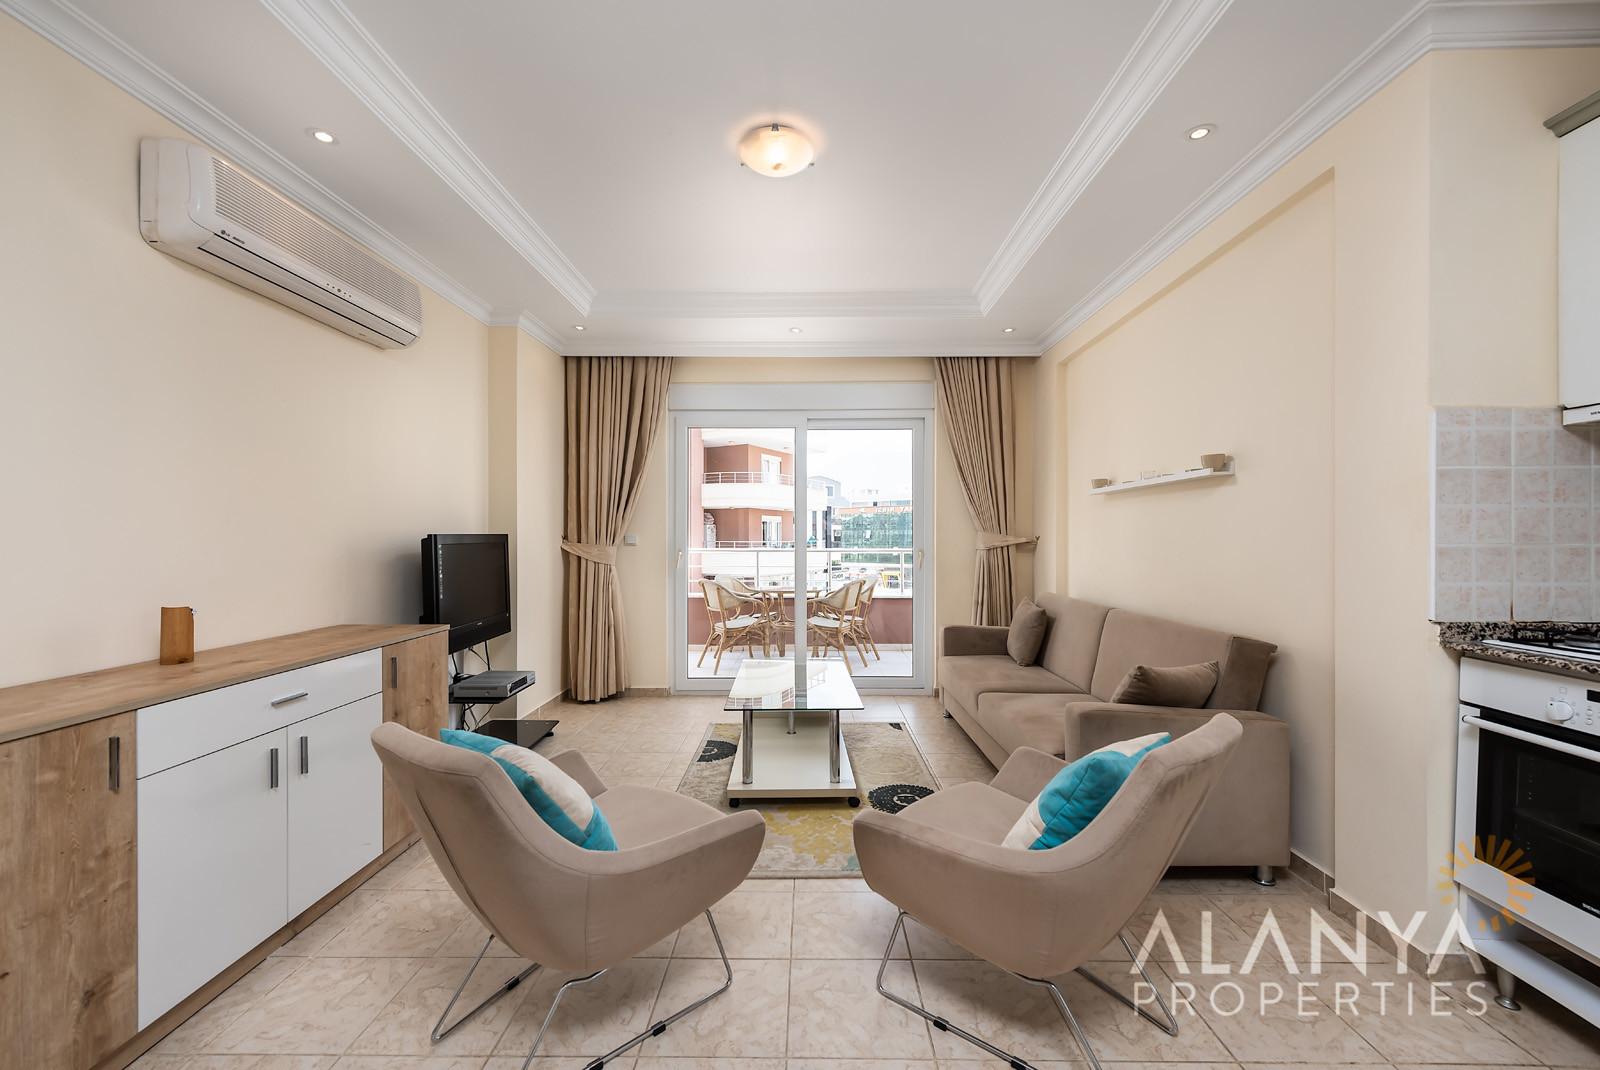 Gemeubileerd 2 slaapkamer appartement te  koop in Tosmur, Alanya